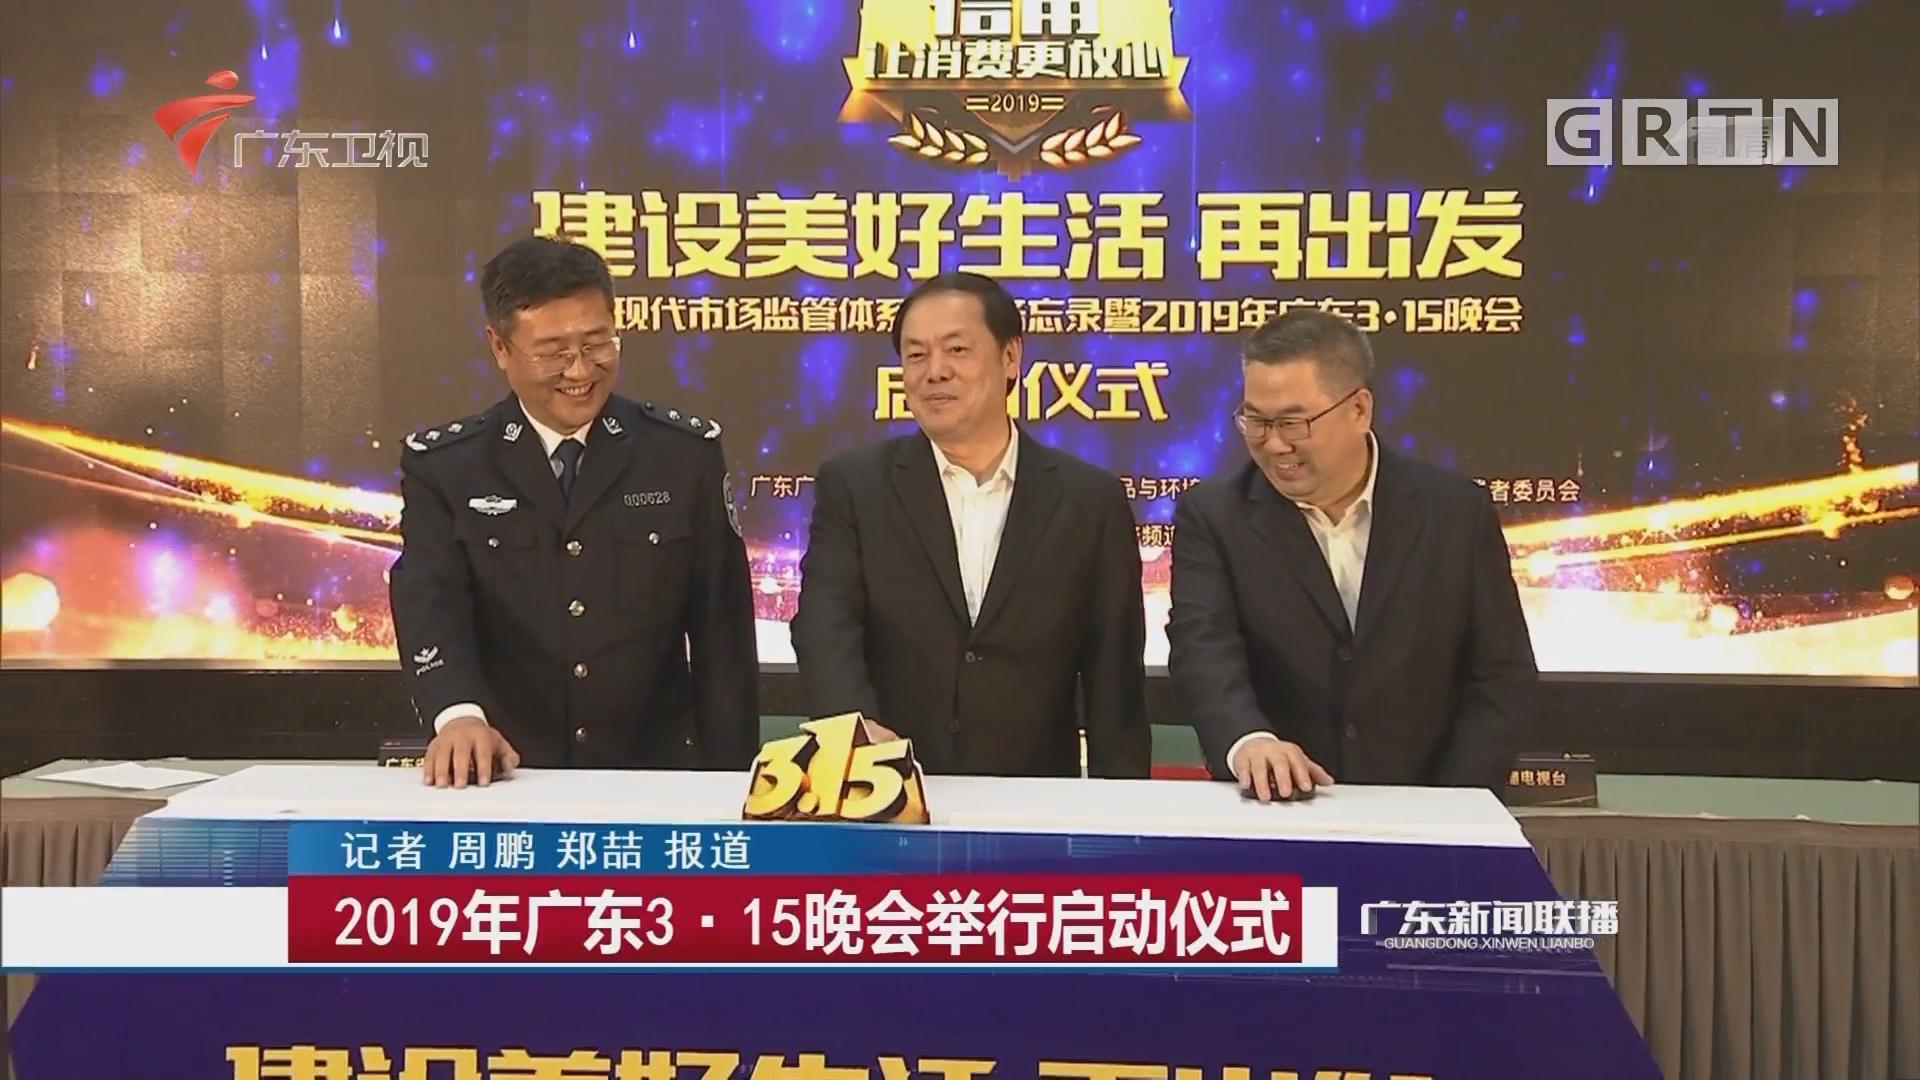 2019年广东3·15晚会举行启动仪式